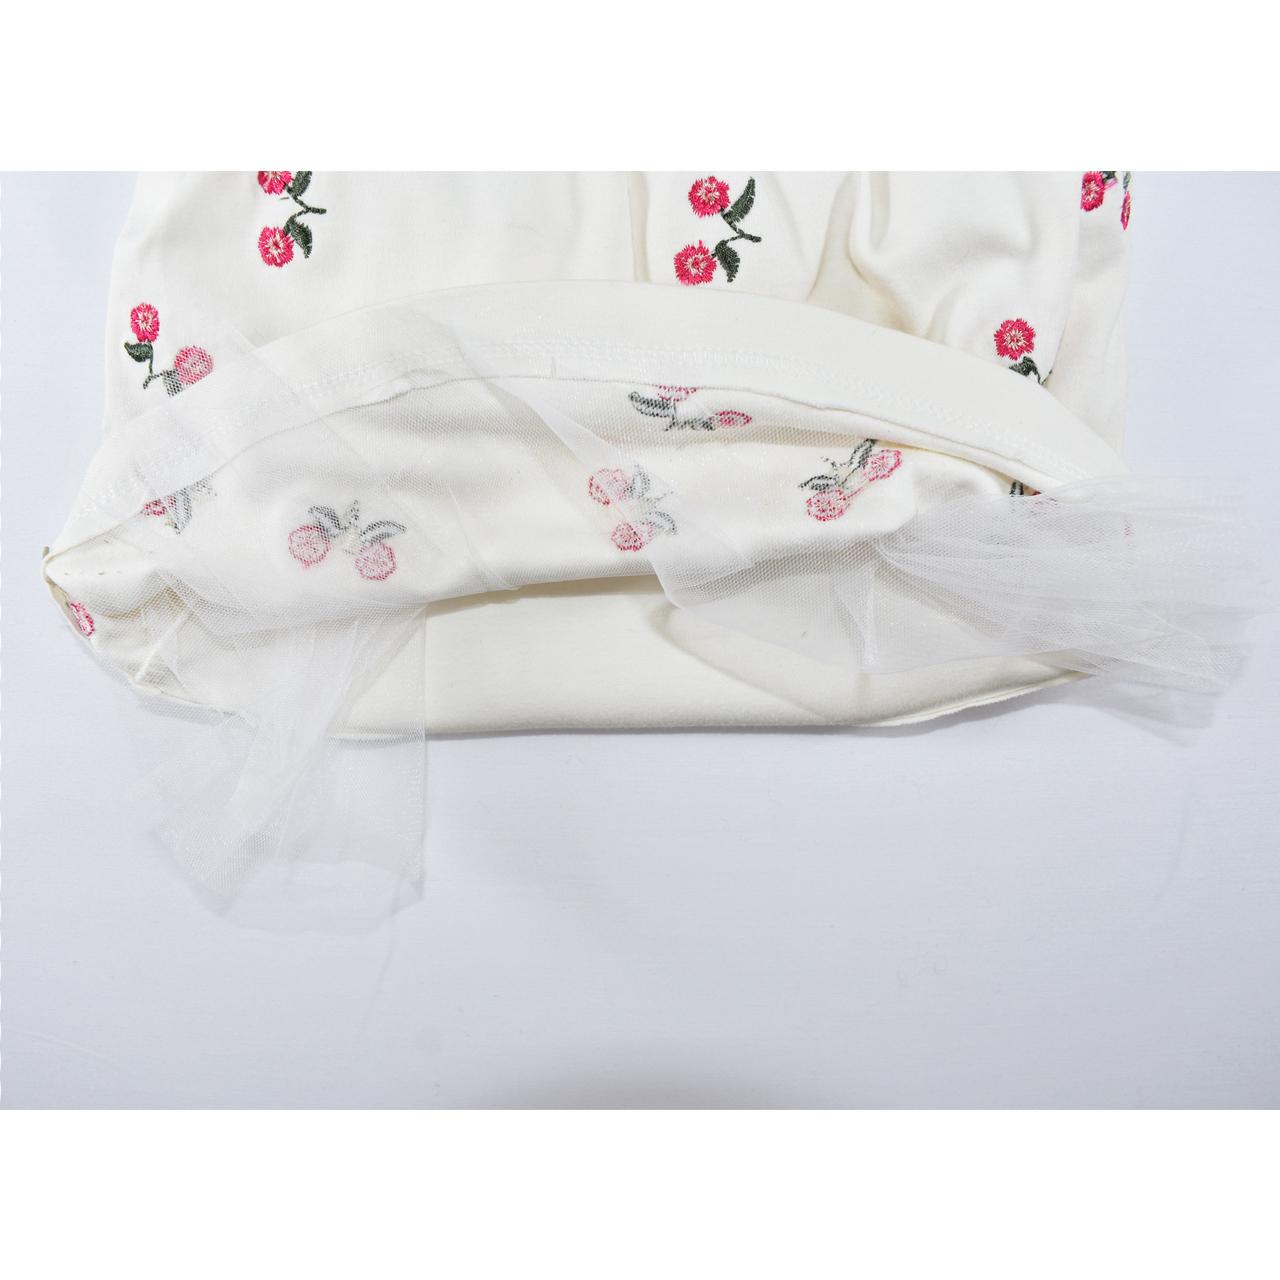 ست 5 تکه لباس نوزادی نیروان طرح گل کد 4 -  - 5